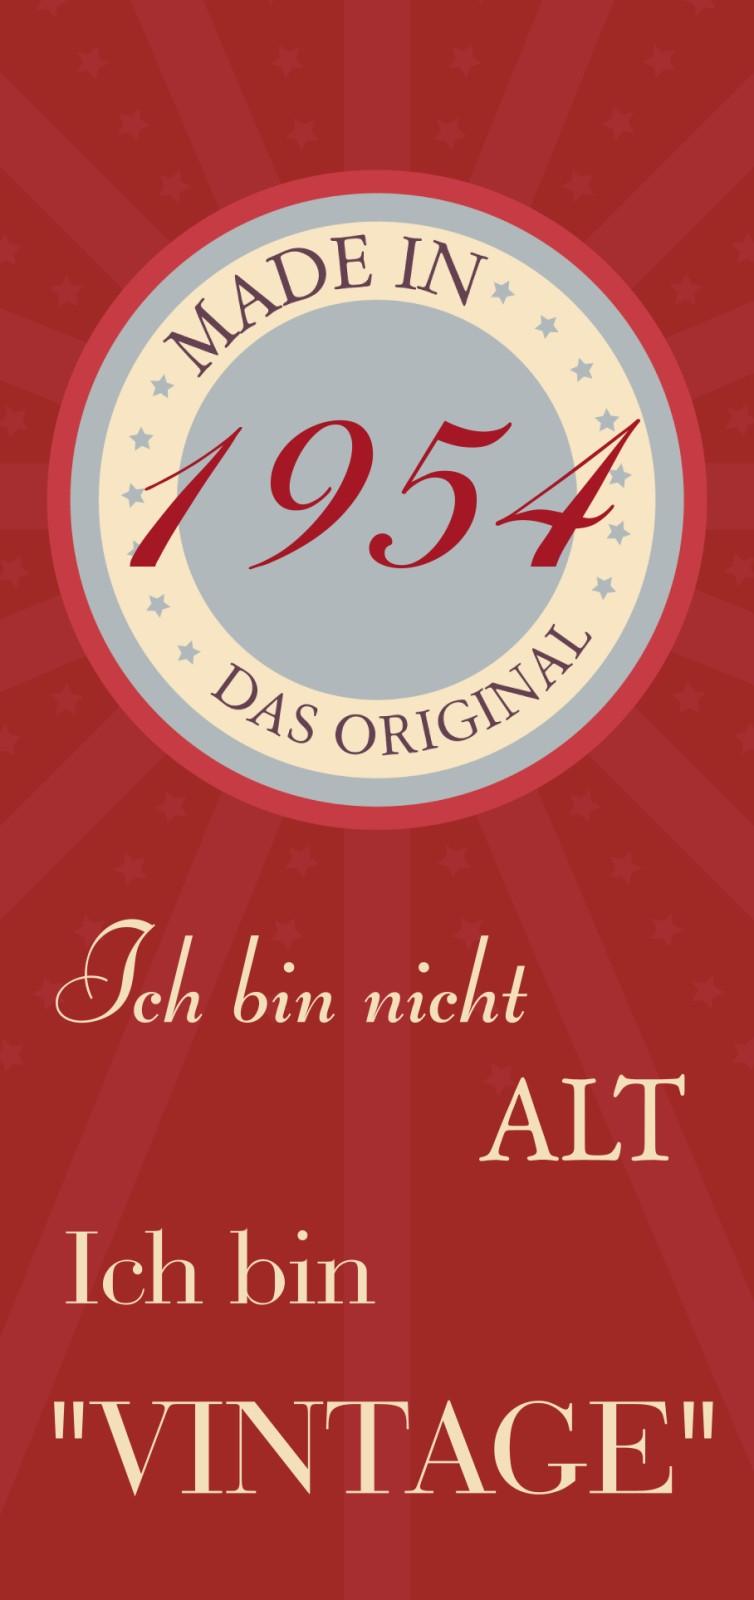 einladung 70. geburtstag vintage-abzeichen